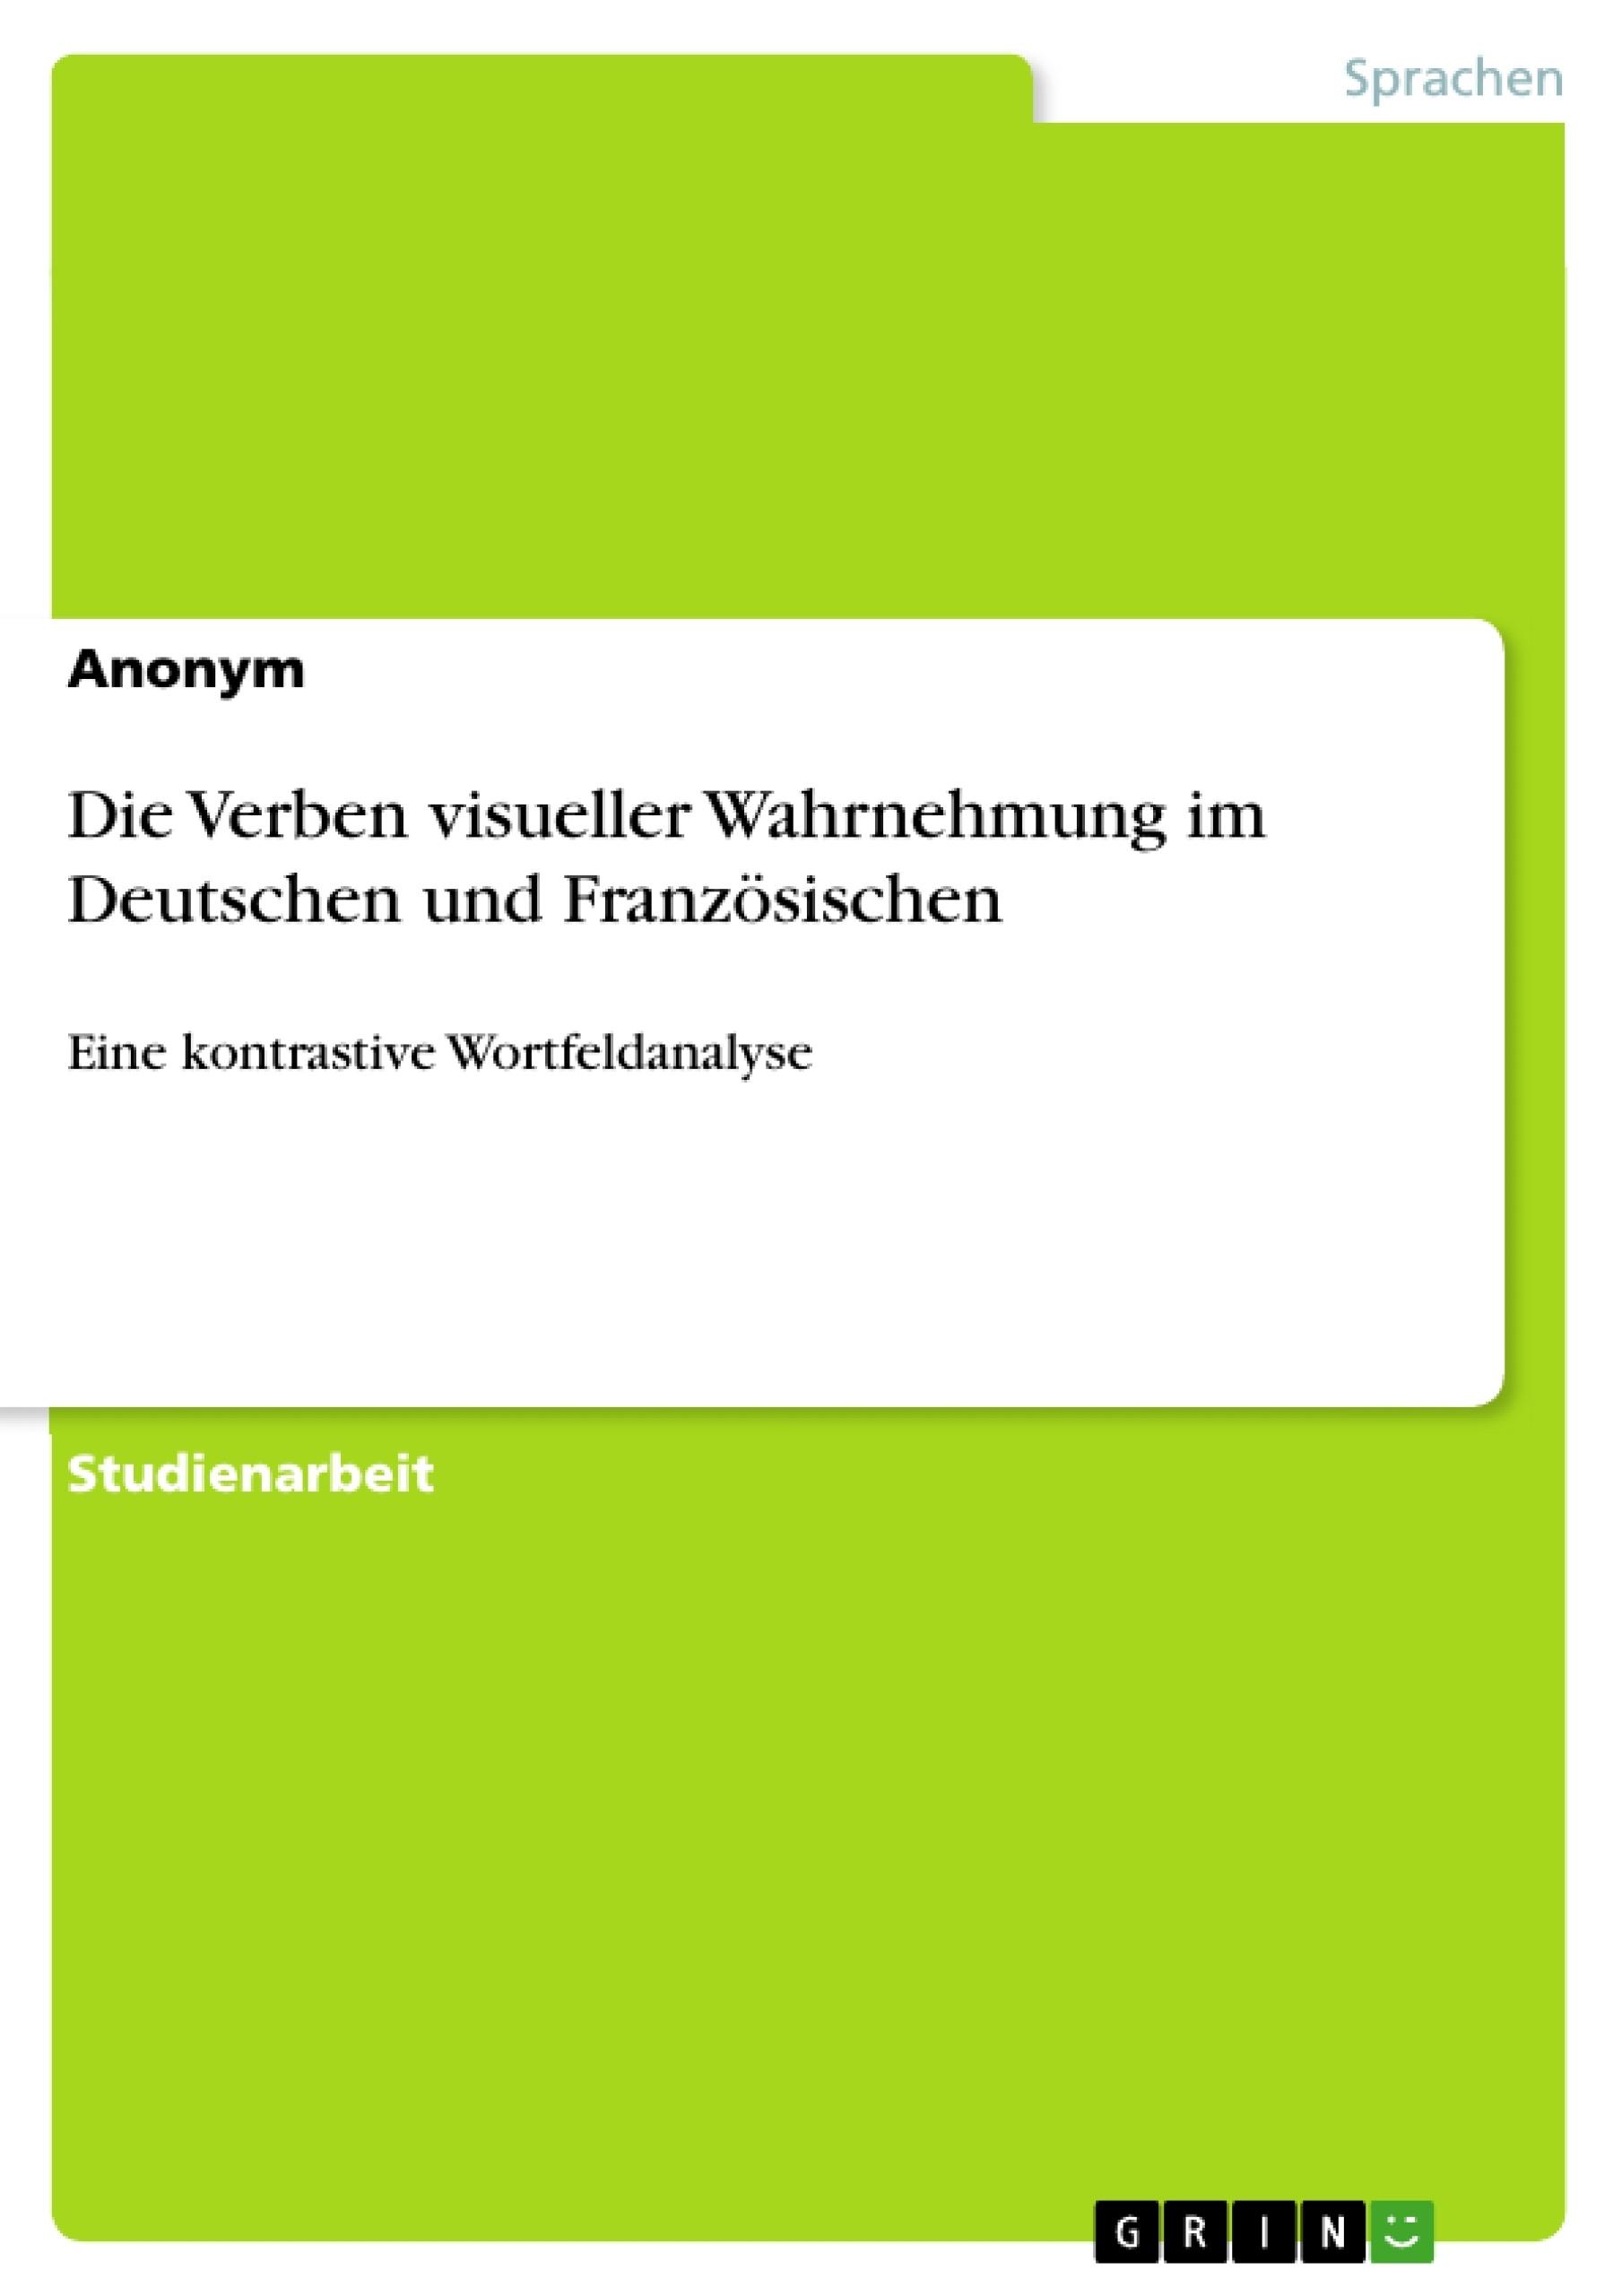 Titel: Die Verben visueller Wahrnehmung im Deutschen und Französischen